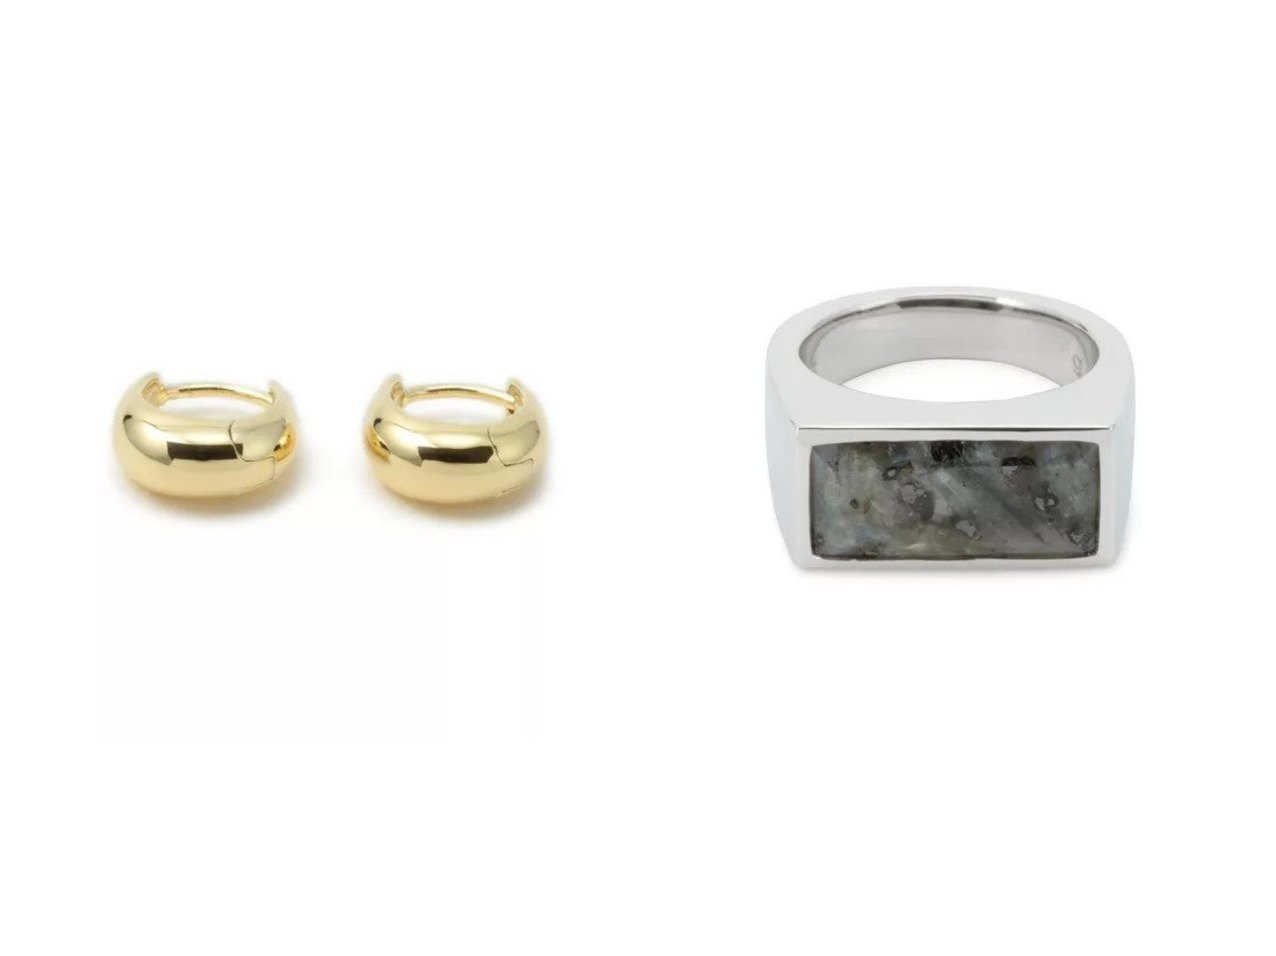 【TOM WOOD/トムウッド】のIce Huggie Gold&Peaky Ring Larvikite おすすめ!人気、トレンド・レディースファッションの通販 おすすめで人気の流行・トレンド、ファッションの通販商品 インテリア・家具・メンズファッション・キッズファッション・レディースファッション・服の通販 founy(ファニー) https://founy.com/ ファッション Fashion レディースファッション WOMEN アクセサリー フォルム 人気 シルバー マーブル モノトーン |ID:crp329100000062517